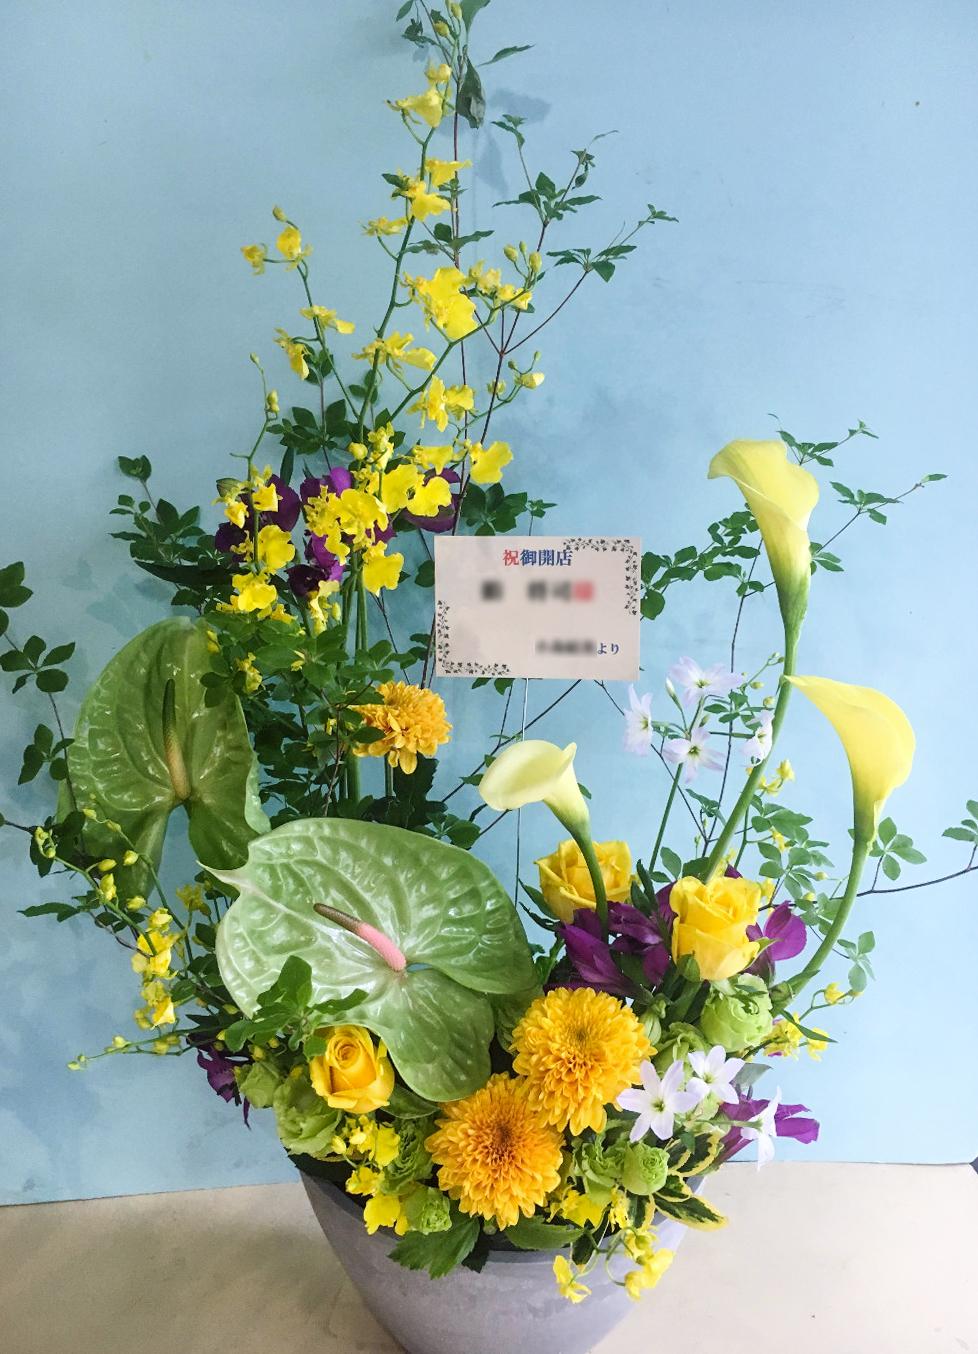 お寿司屋さんへ 和風で華やかなご開店祝い花